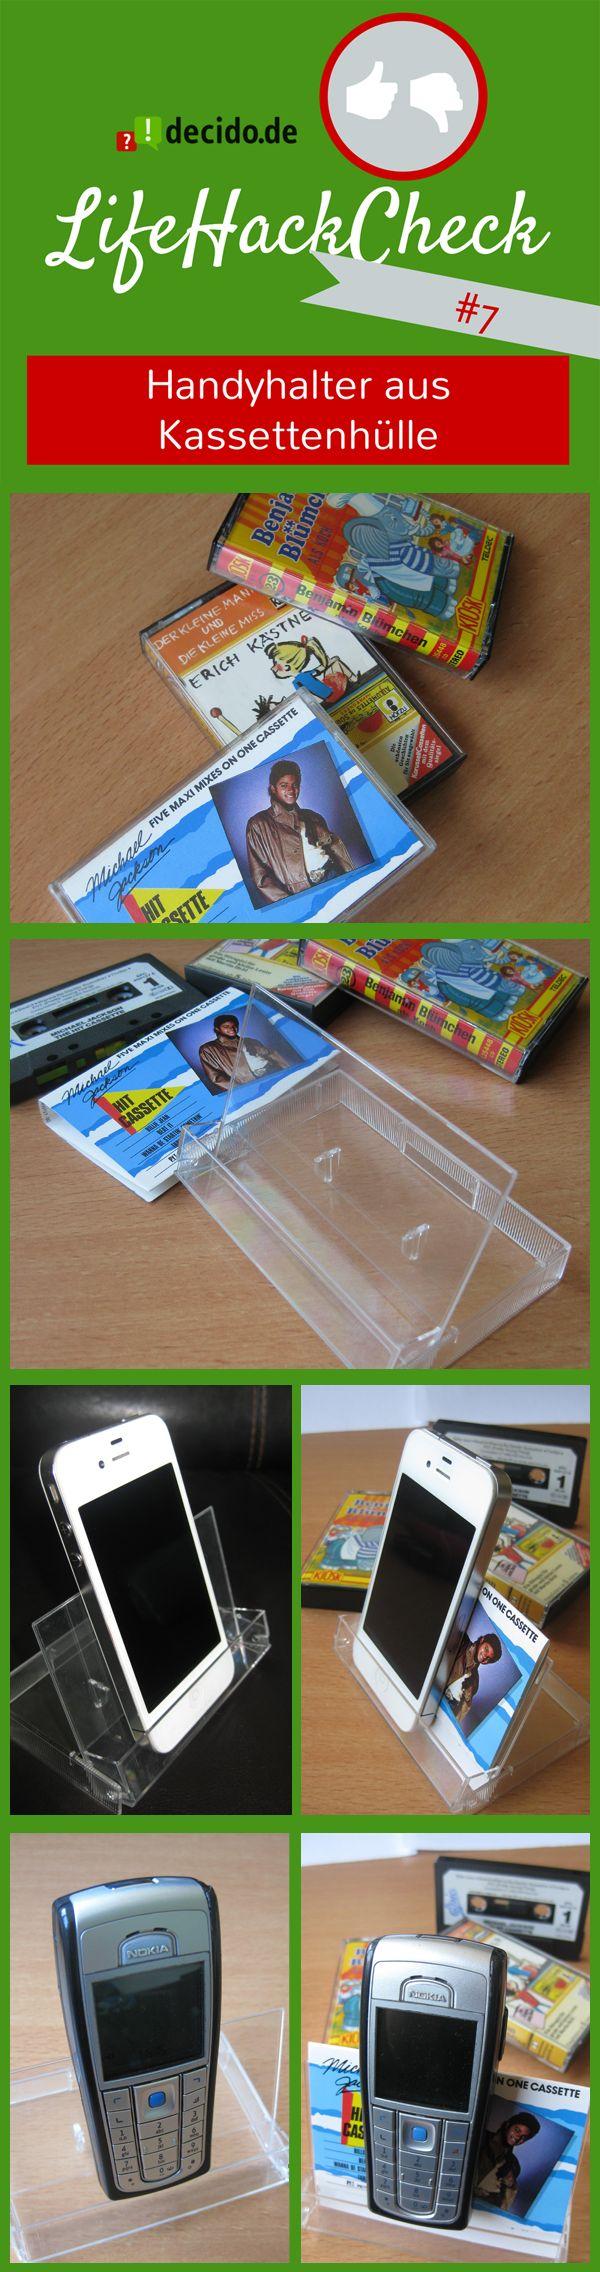 Handyhalter aus Kassettenhülle Der #LifeHack: Kassettenhülle umdrehen und aufstellen #lifehack #DIY #tipps #tricks